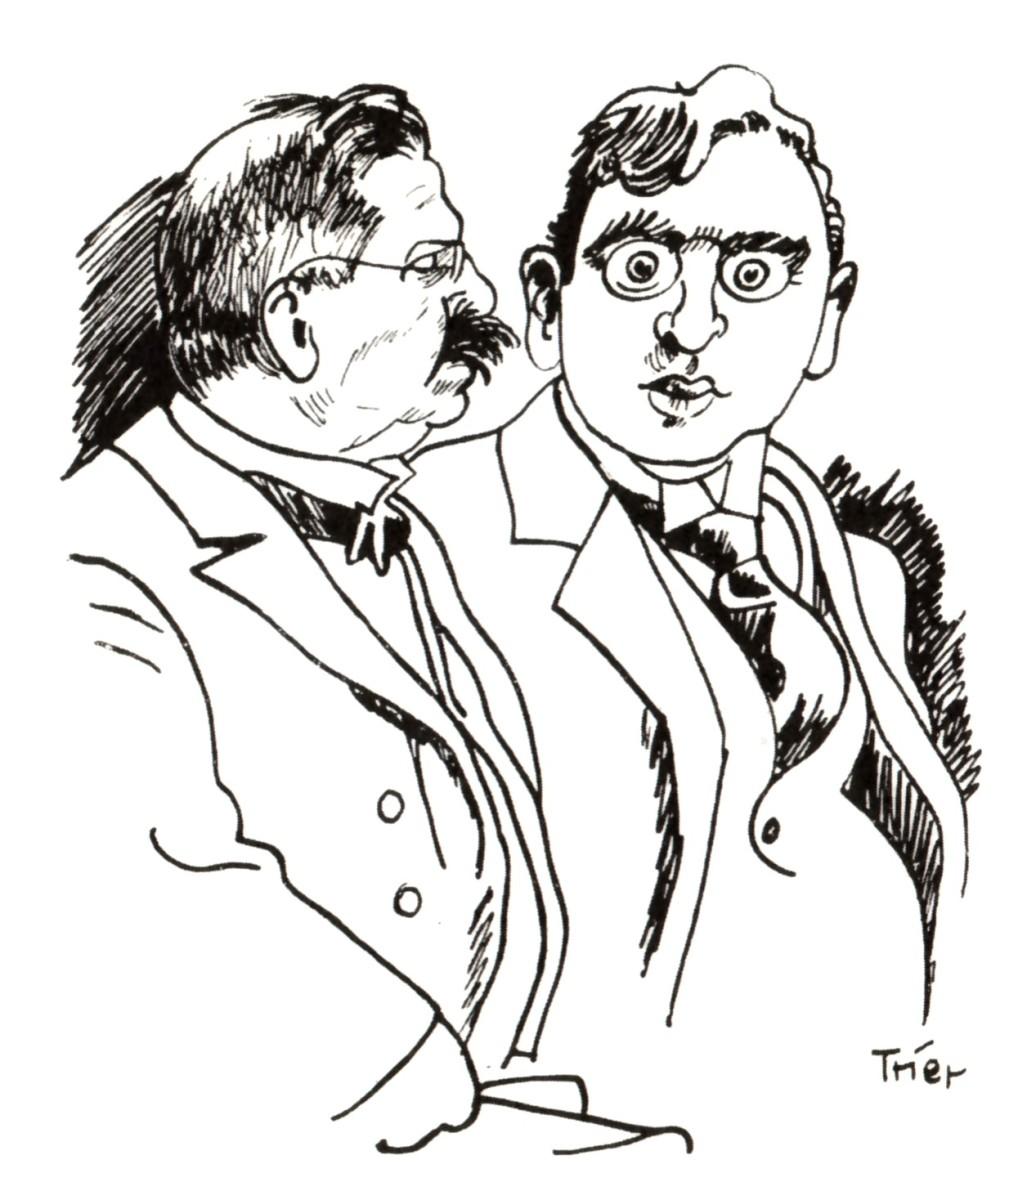 """Regisseur Richard Oswald (r.) zusammen mit dem Sexualwissenschaftler Magnus Hirschfeld. Gemeinsam realisierten sie 1919 den Film """"Anders als die Andern"""". Ein Jahr zuvor verfilmte Oswald das """"Dreimäderlhaus.)"""